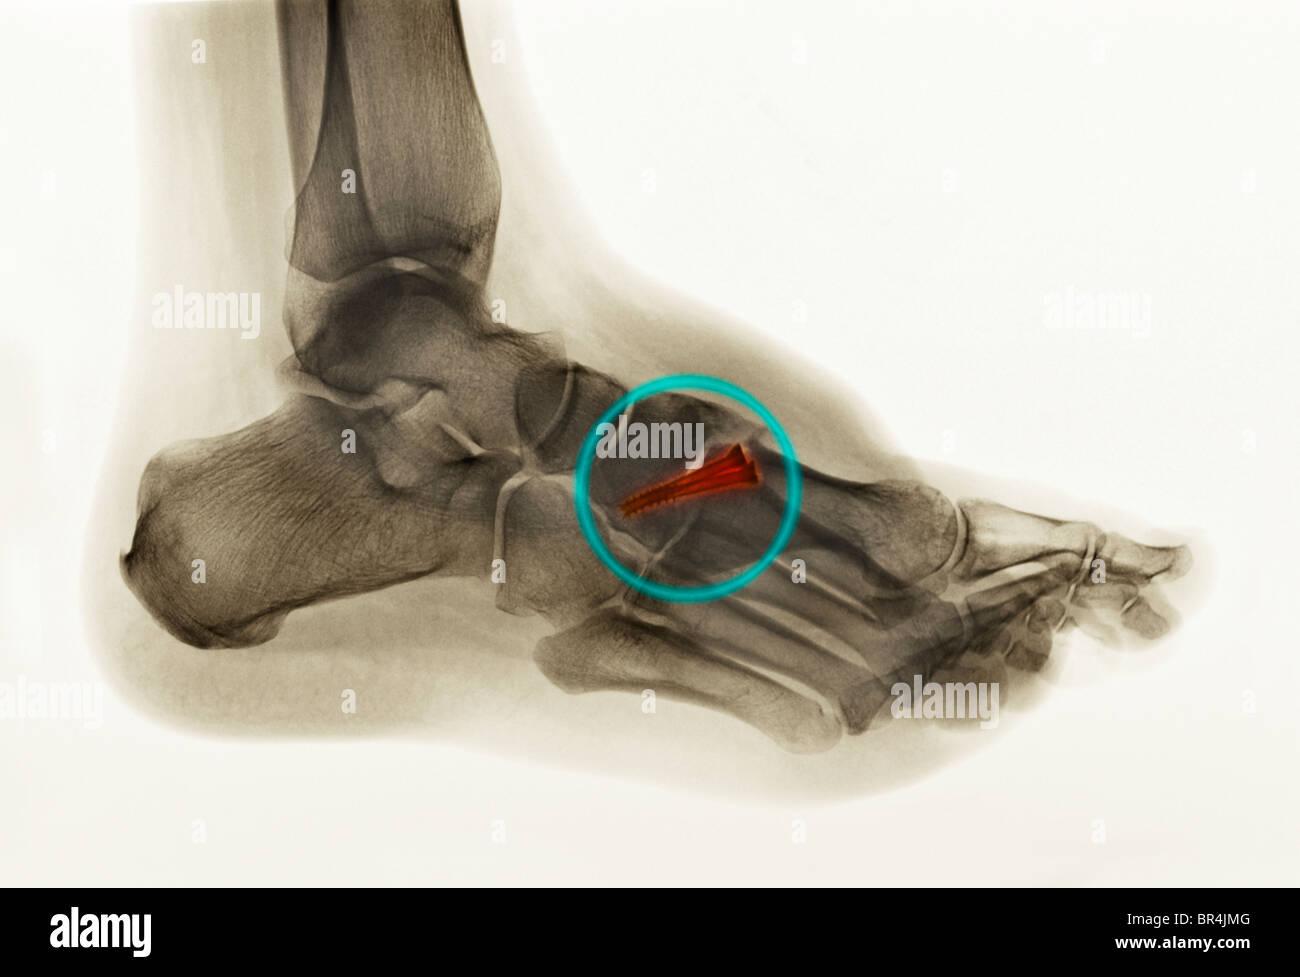 Pied radiographie d'un homme de 30 ans qui a subi une chirurgie du premier métatarsien avec 2 vis de la Photo Stock